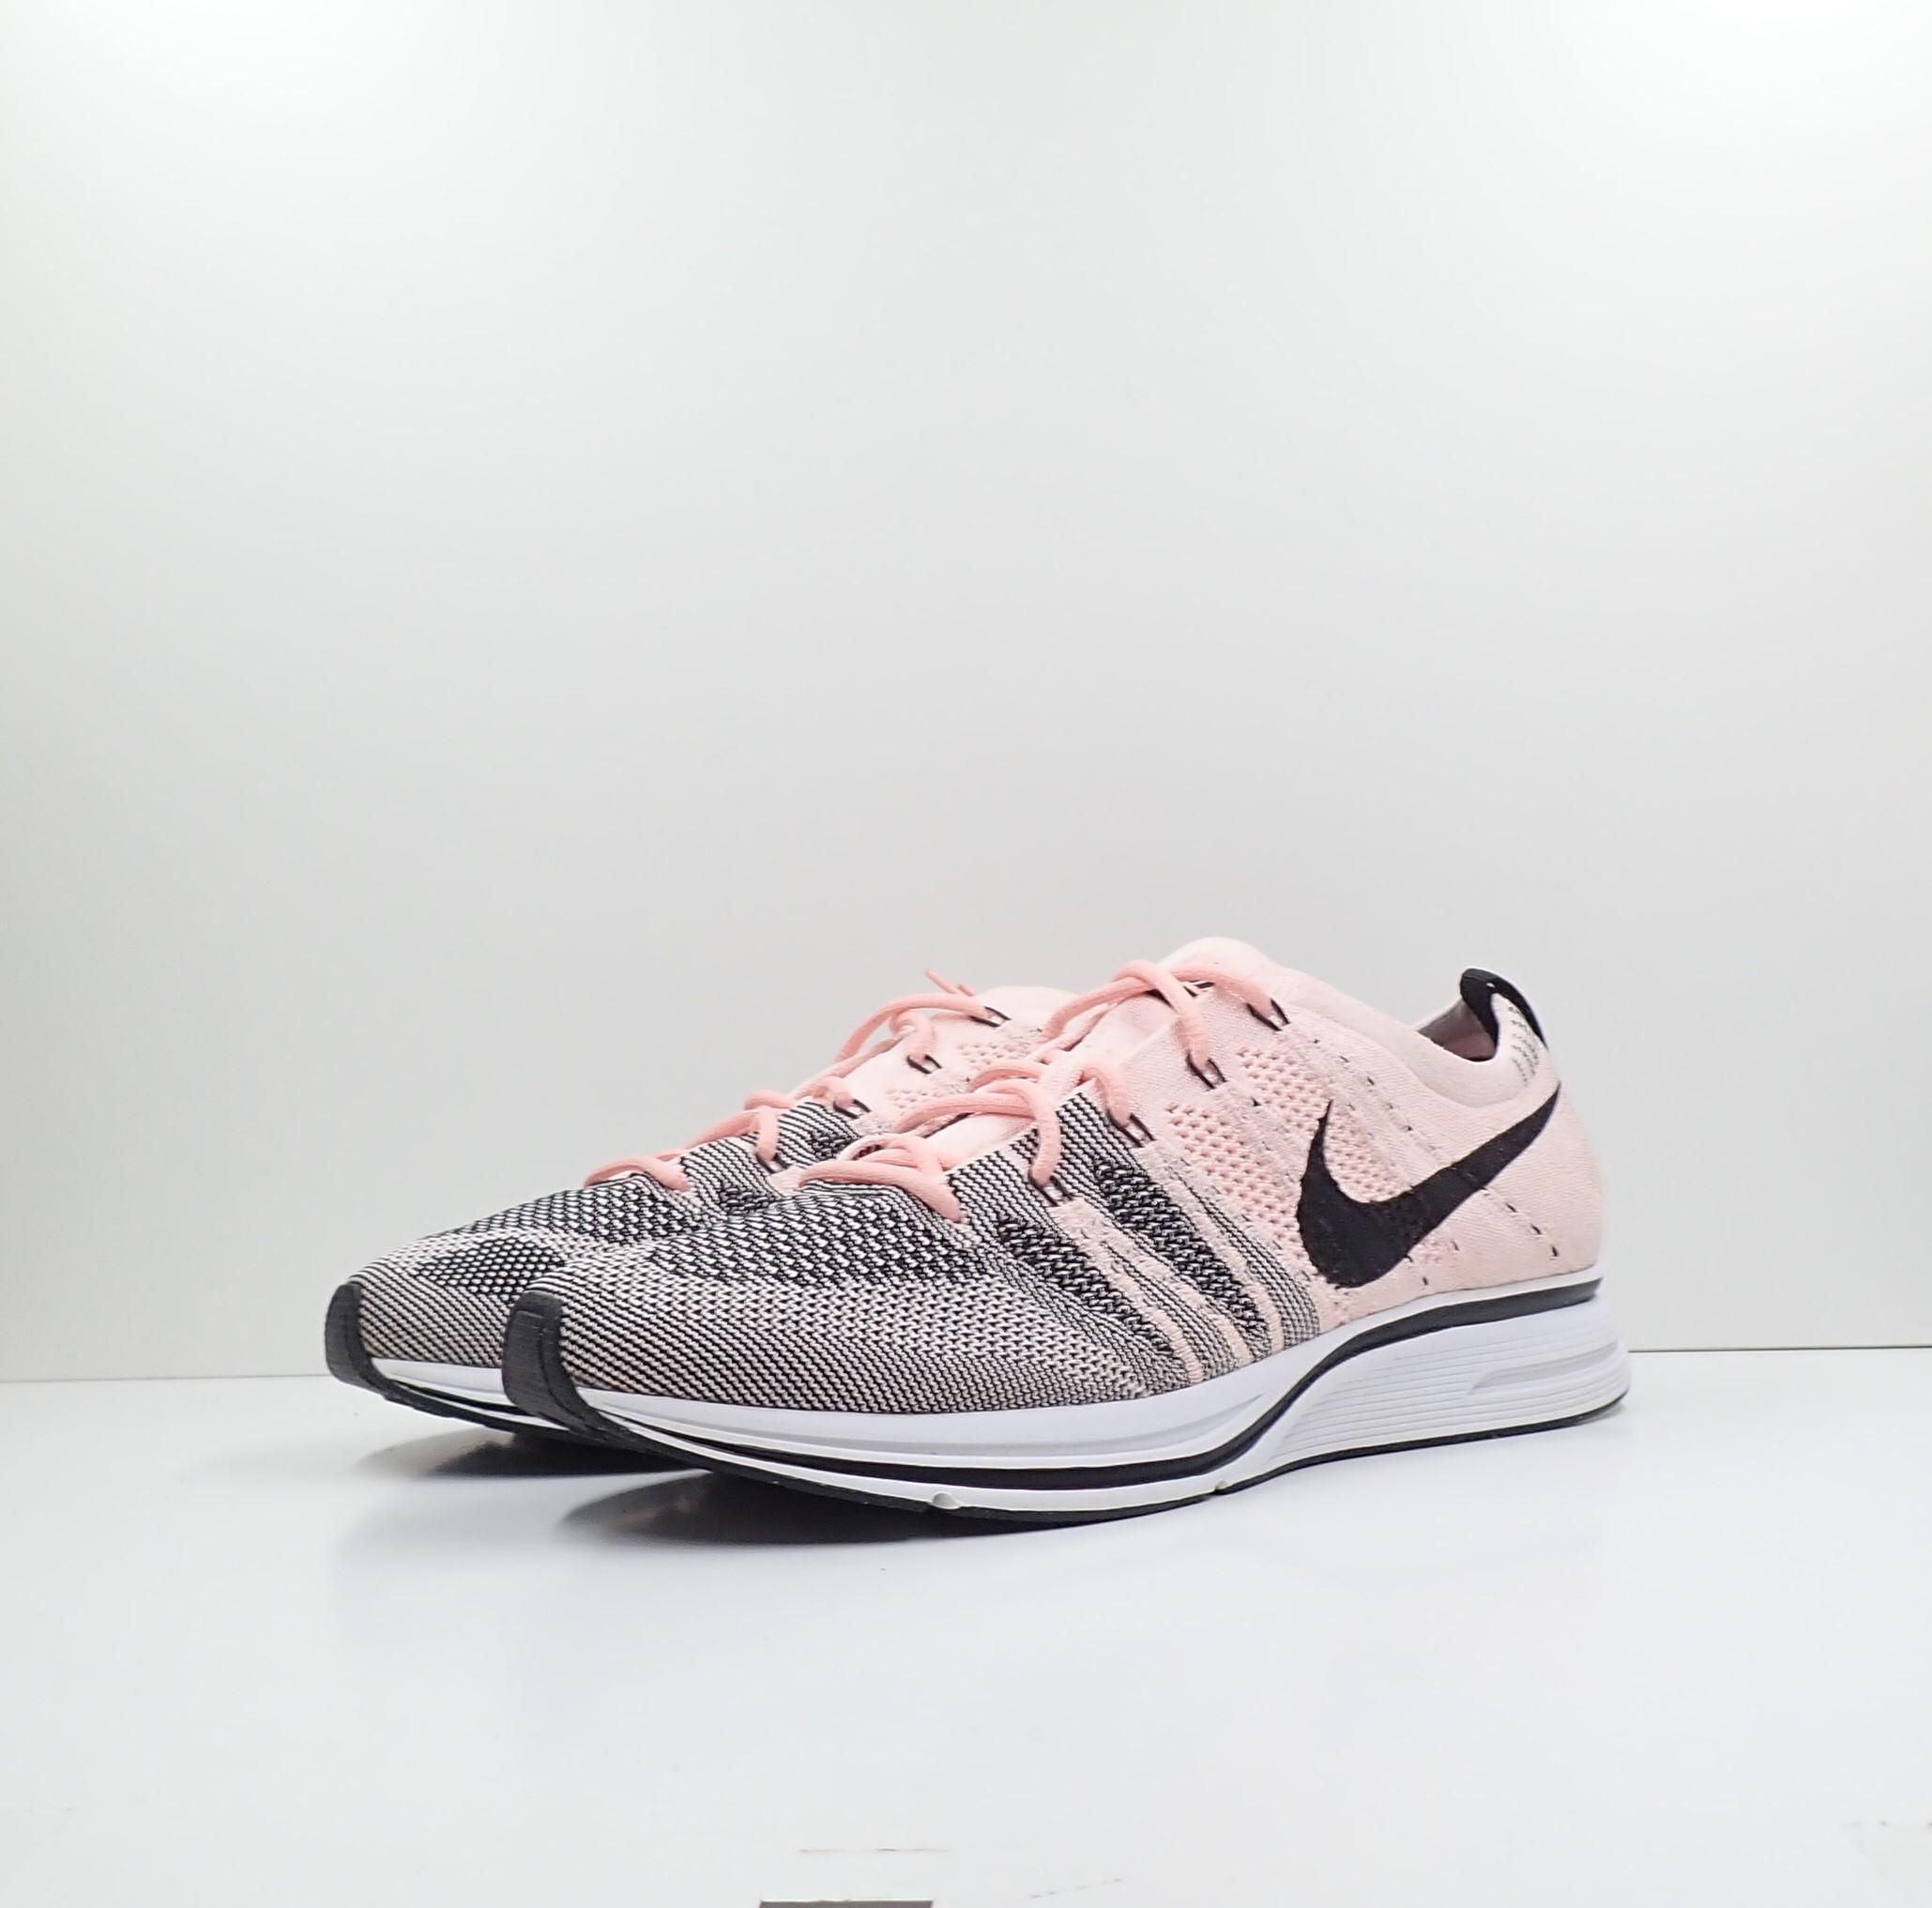 Nike Flyknit Sunset Tint